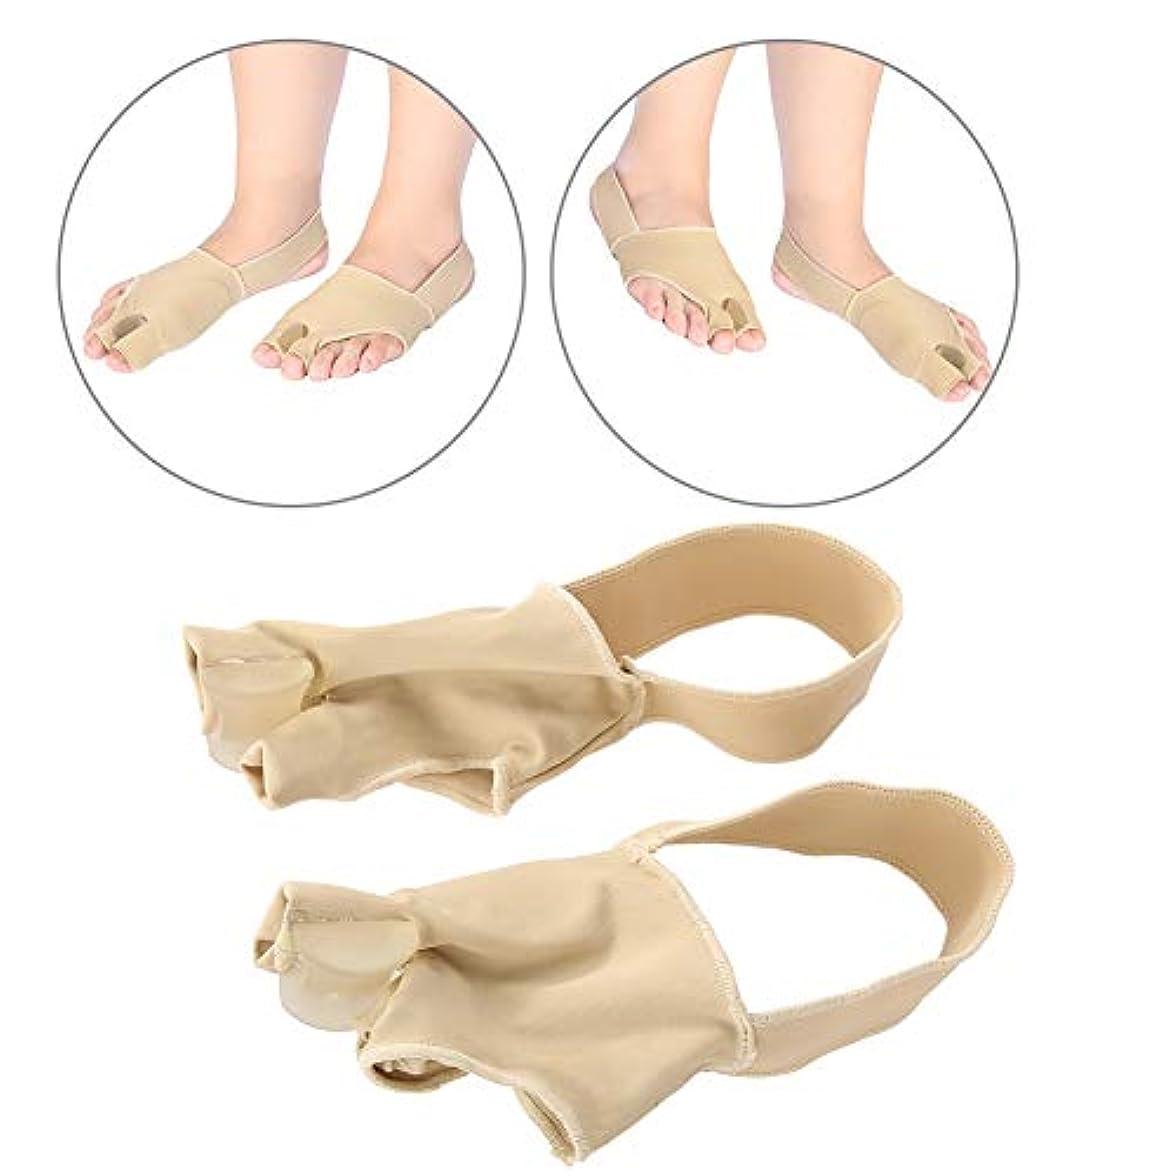 最小化する気絶させる思慮のない1対の外反母Val矯正器、親指のつま先セパレーター腱膜瘤整形外科用ブレース(L)